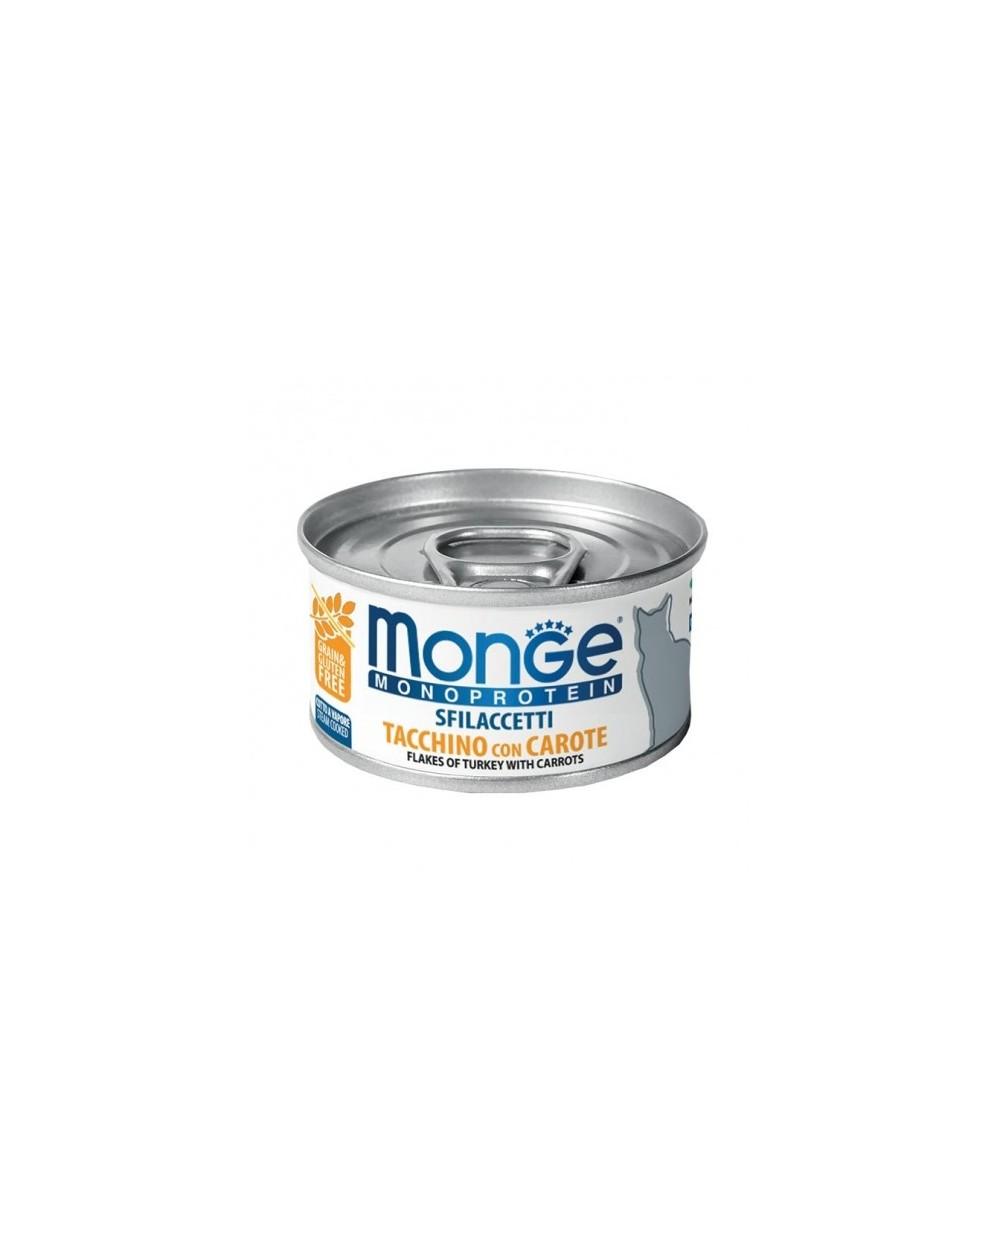 Monge Cat Sfilaccetti Monoprotein SOLO Tacchino con Carote